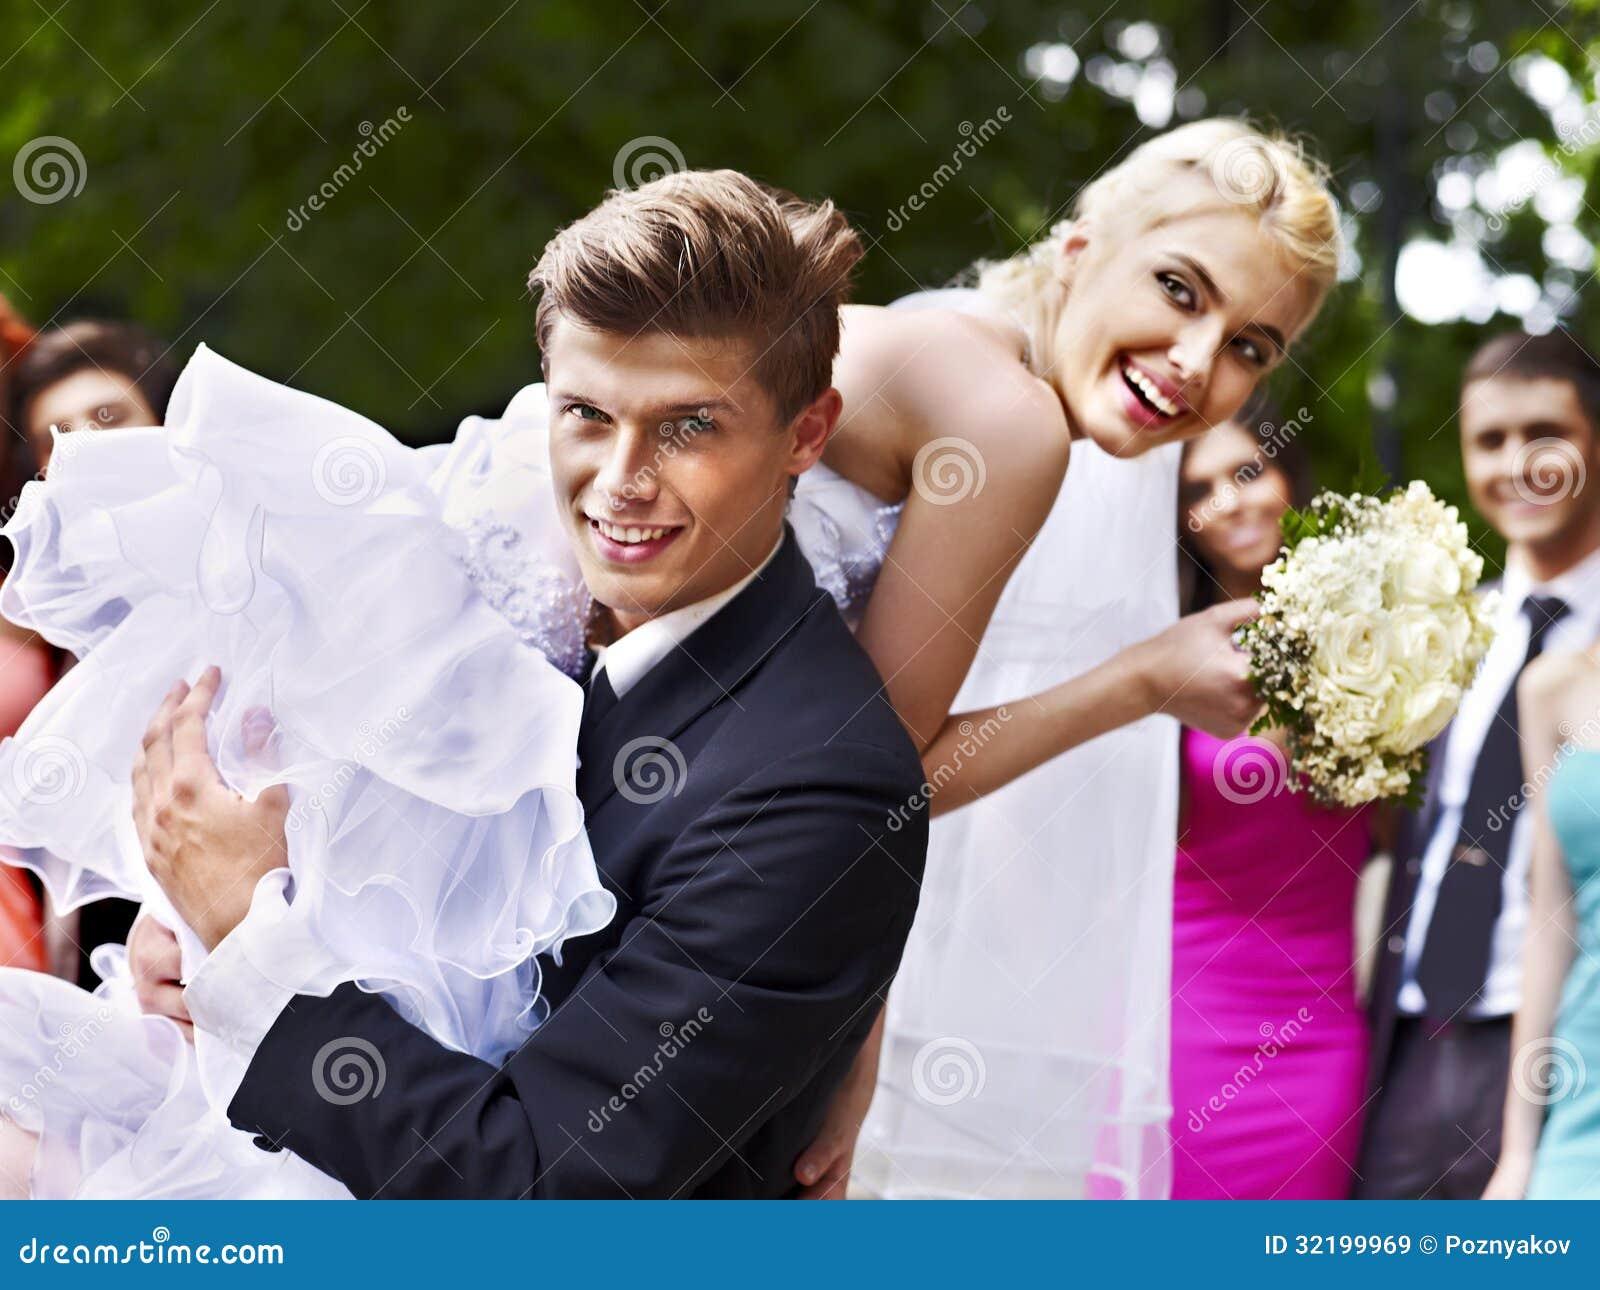 Секс гостей свадьбе 5 фотография